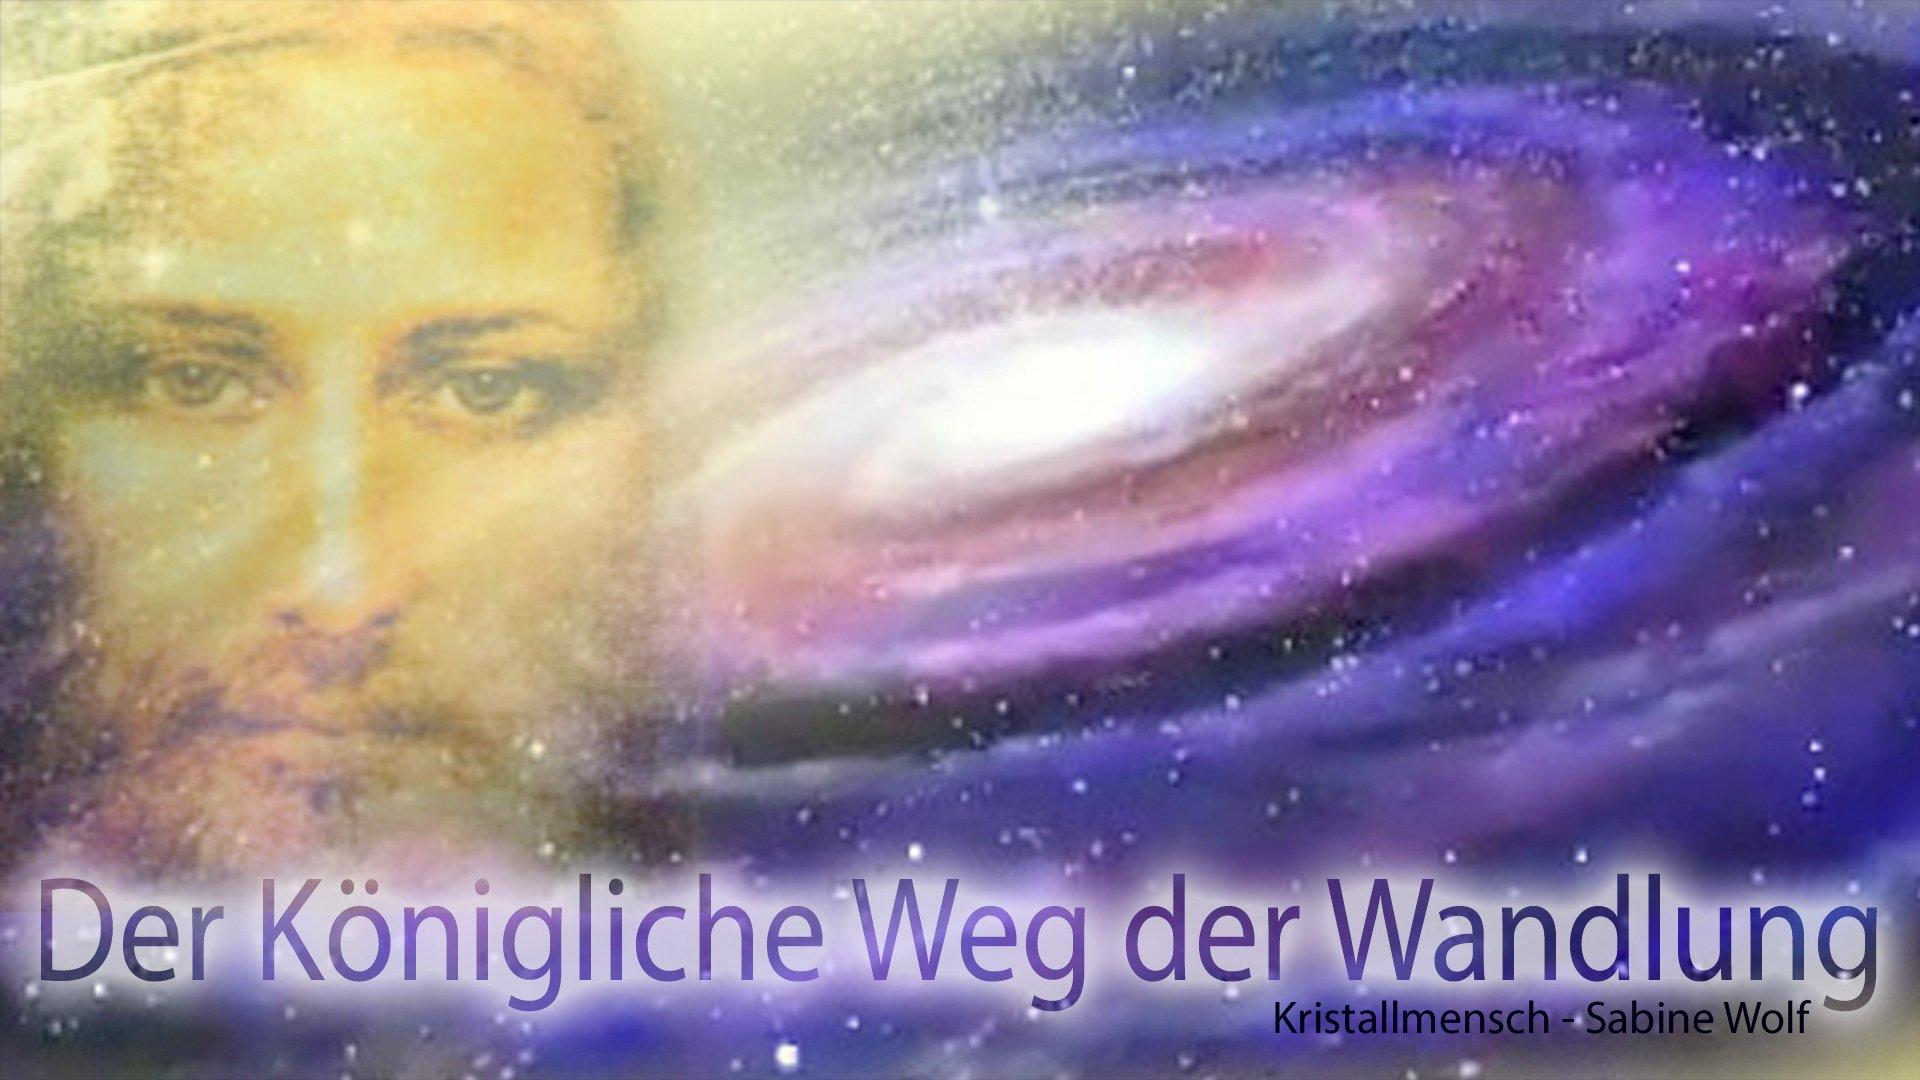 24_12_Der_koenigliche_Weg